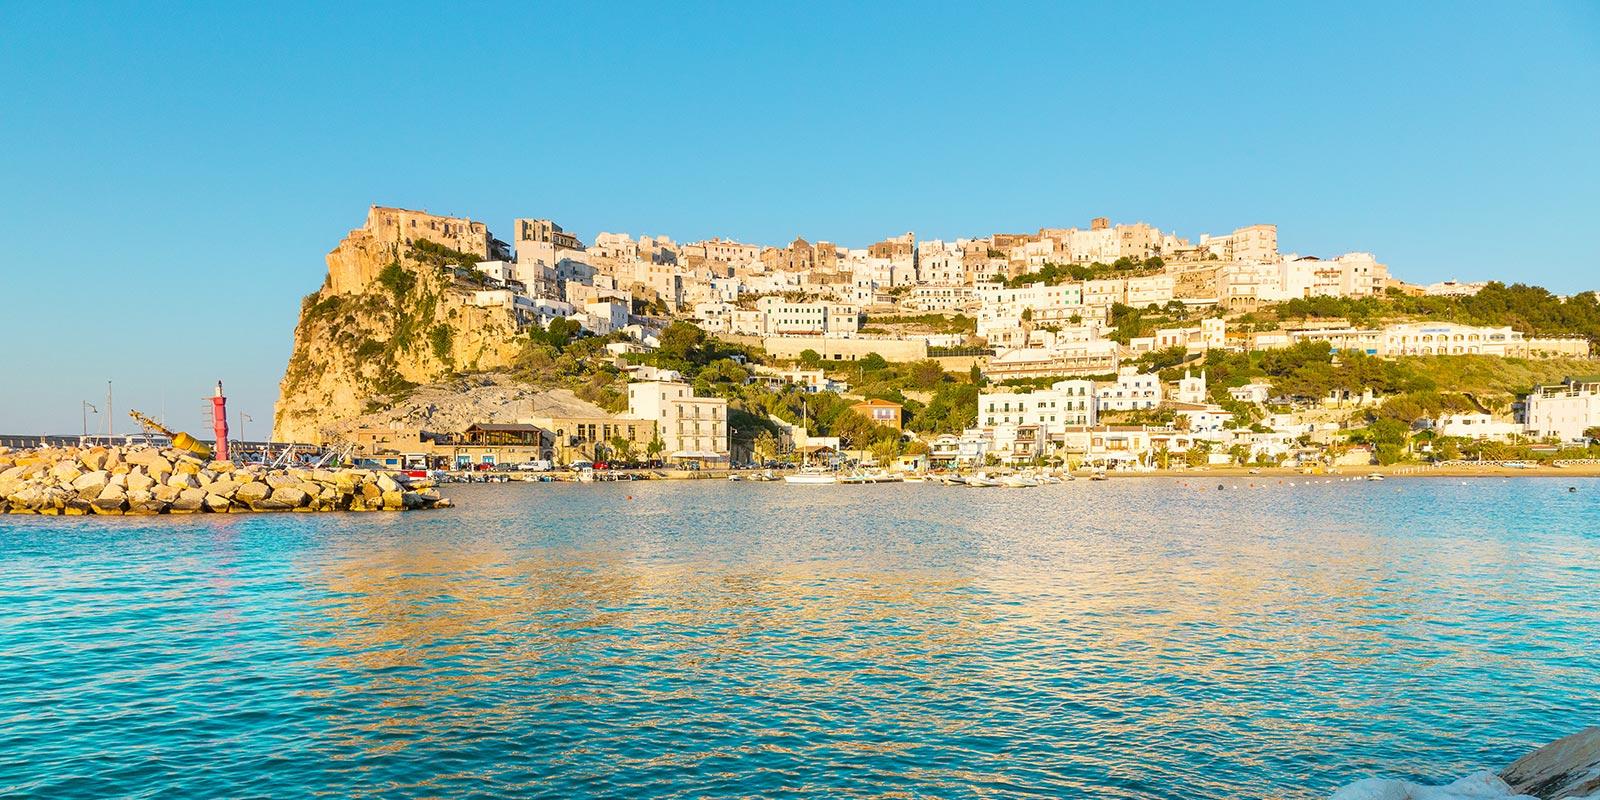 Apulië : In het hart van de 'Borghi' en Italiaanse smaken